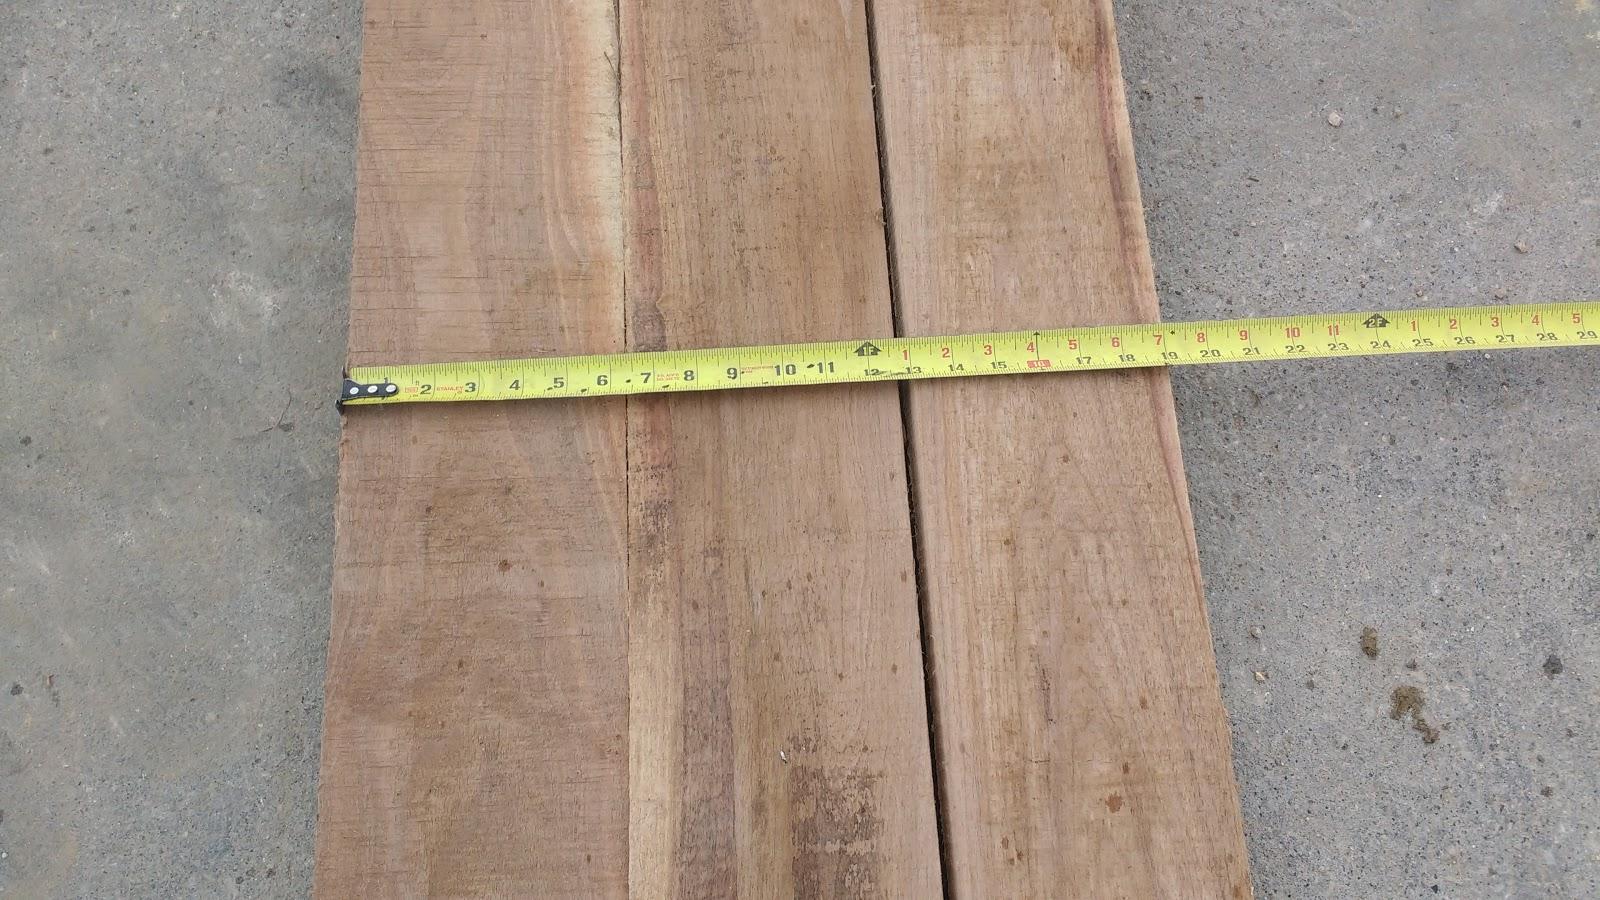 3x8 log siding hand hewn pine - 3x8 Oak Pine